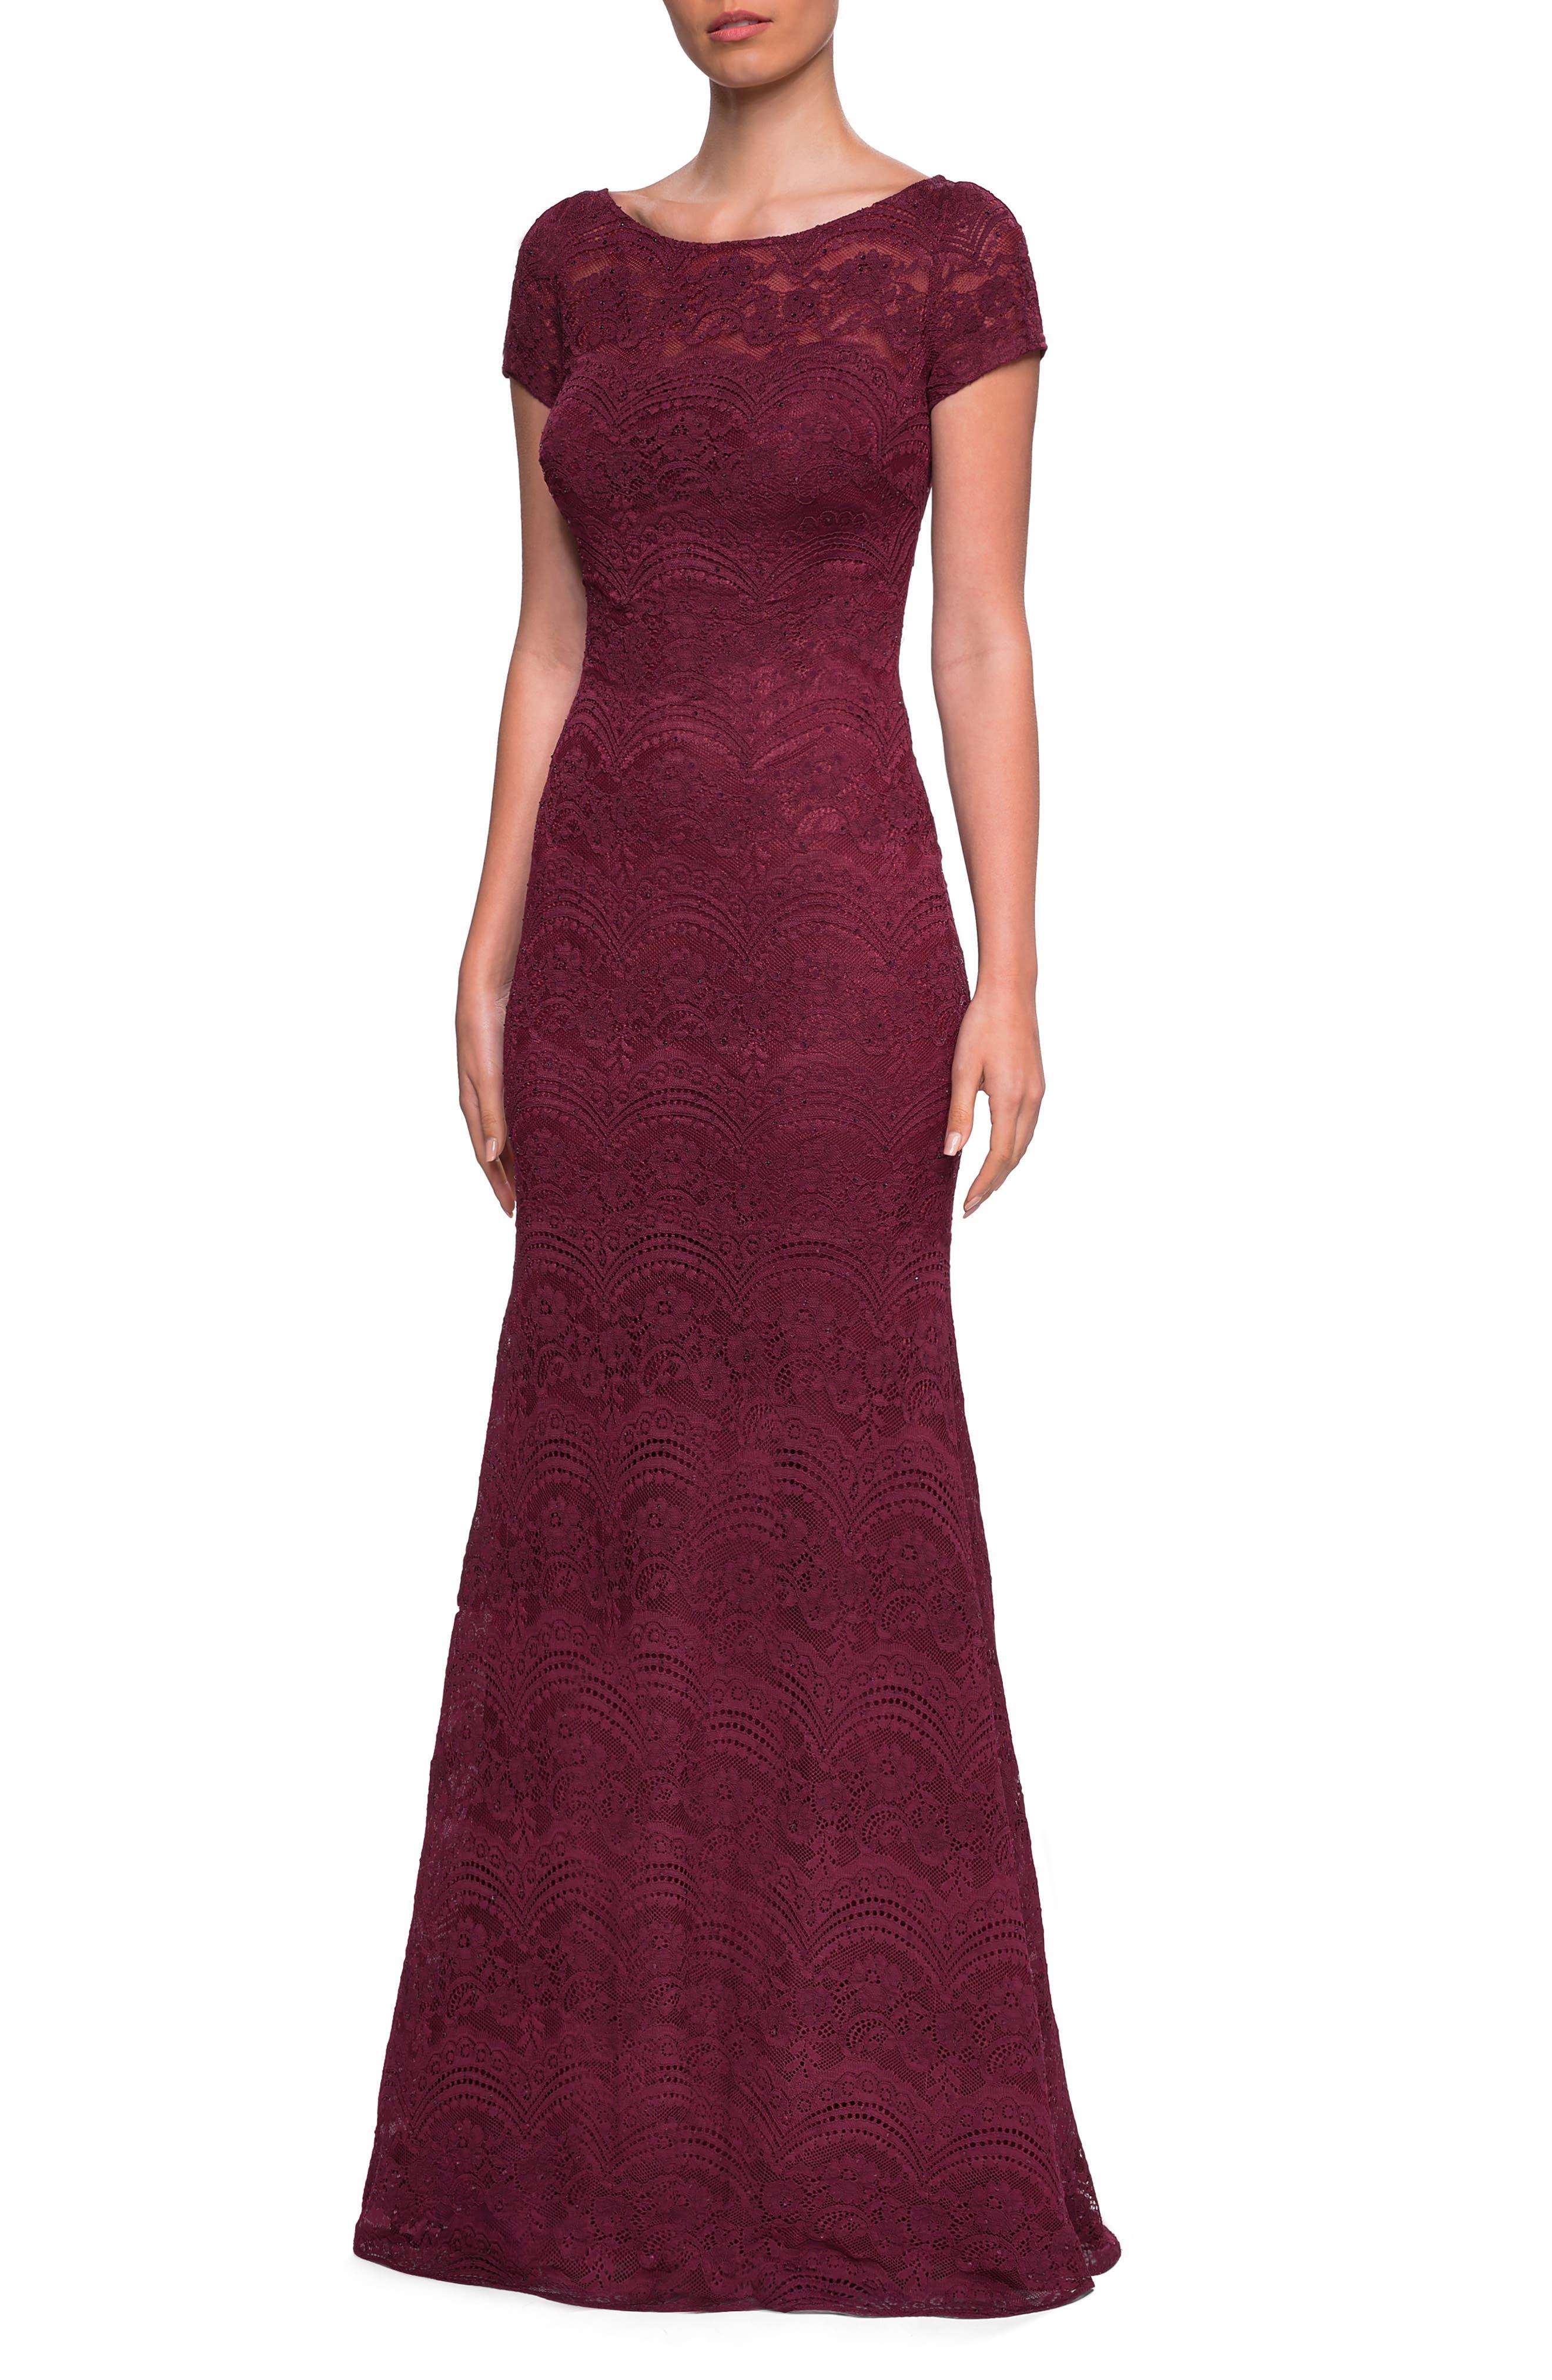 La Femme Lace Trumpet Gown, Red